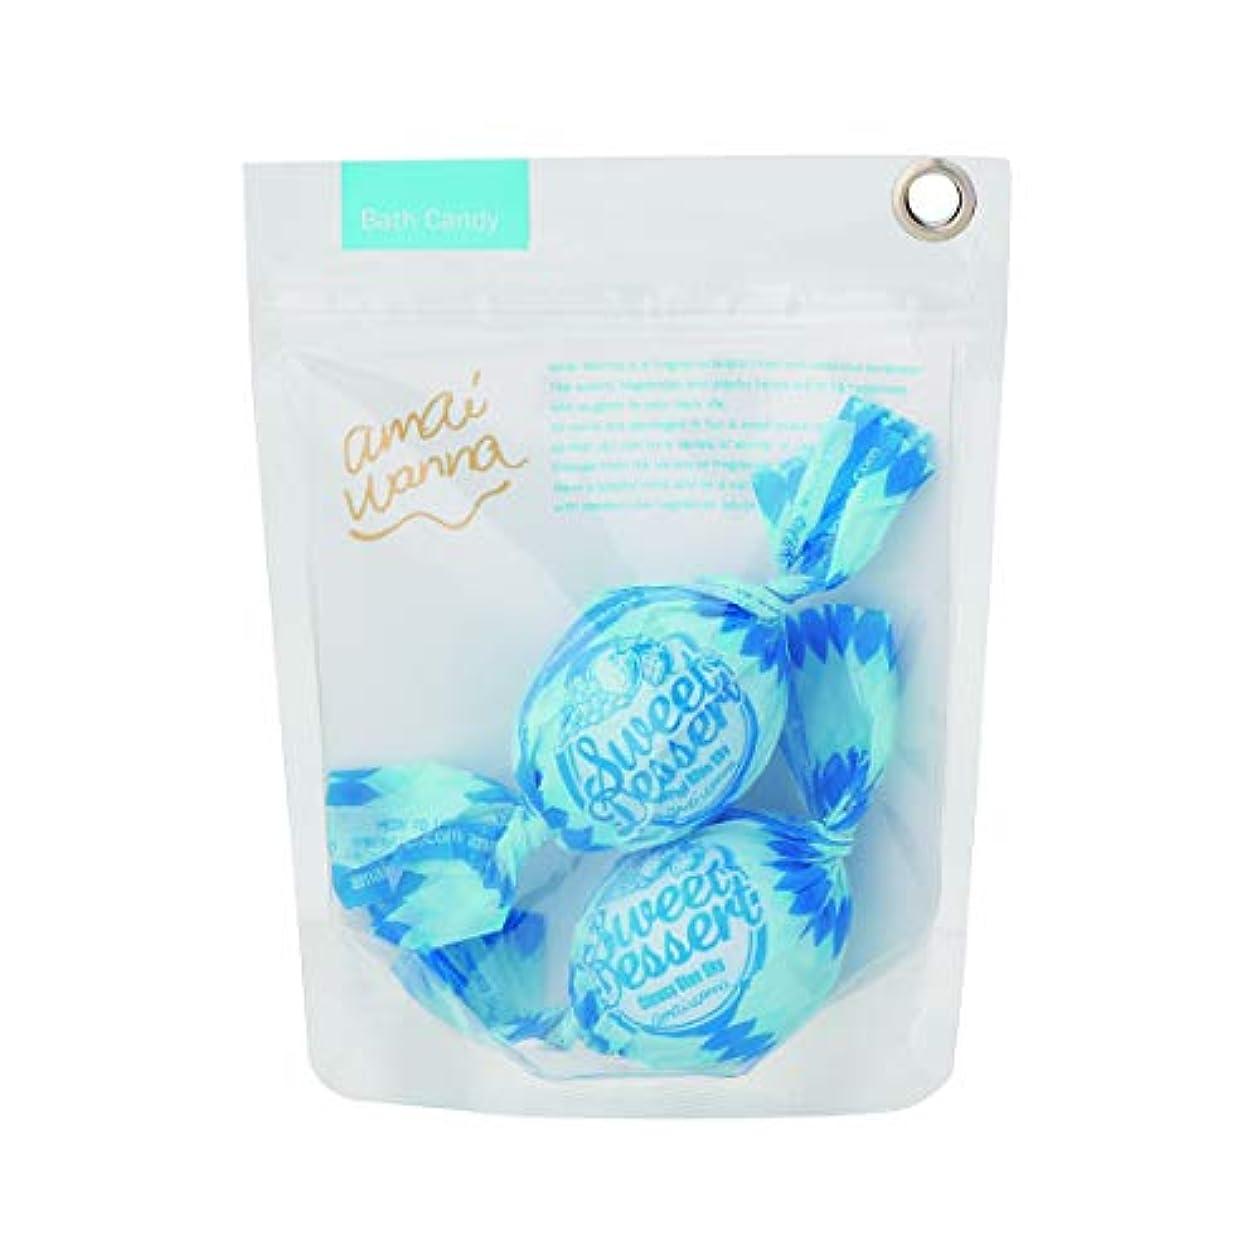 ジェームズダイソン剪断ホイップアマイワナ バスキャンディーバッグ 青空シトラス 35g×2(発泡タイプ入浴料 2回分 おおらかで凛としたシトラスの香り)